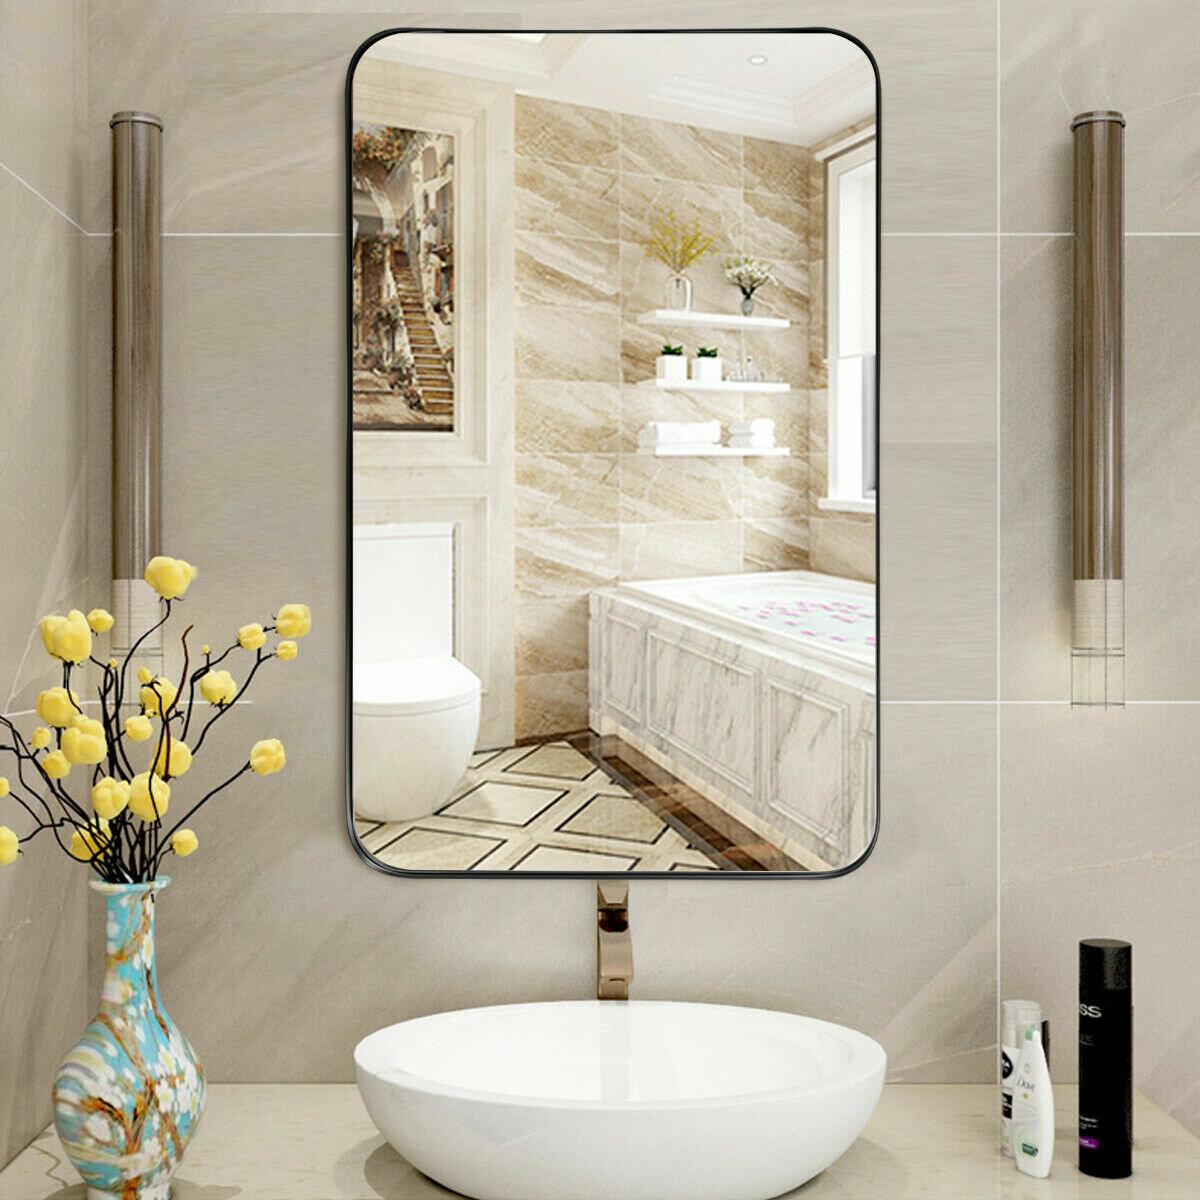 Bathroom Vanity Black Mirrors You Ll Love In 2021 Wayfair